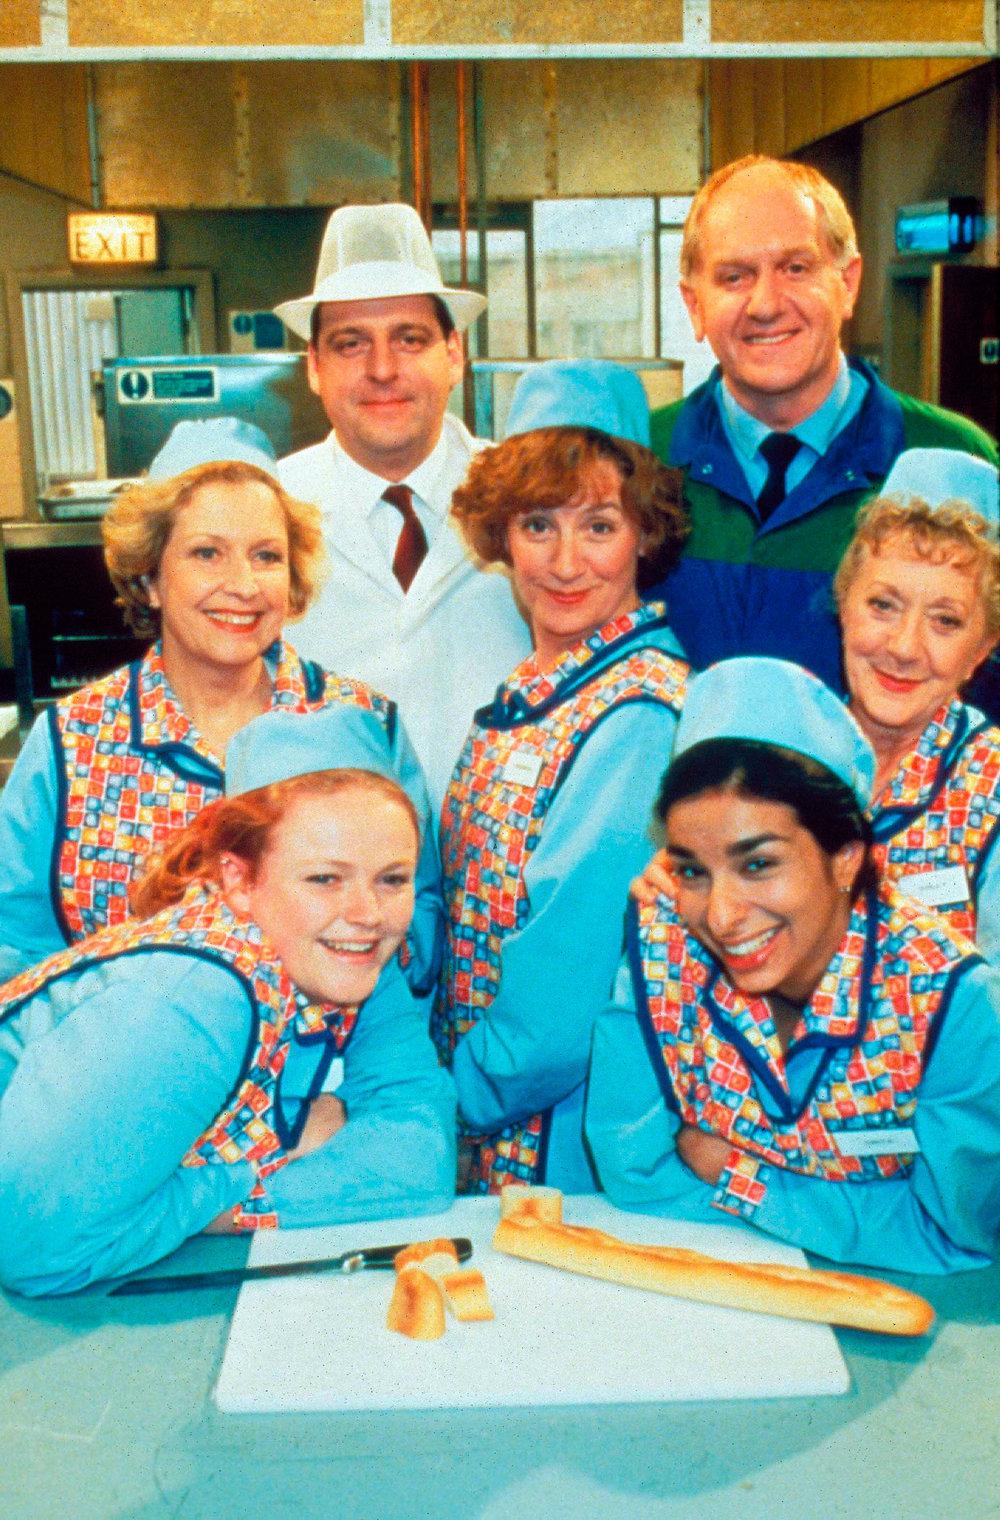 dinnerladies-sitcom.jpg